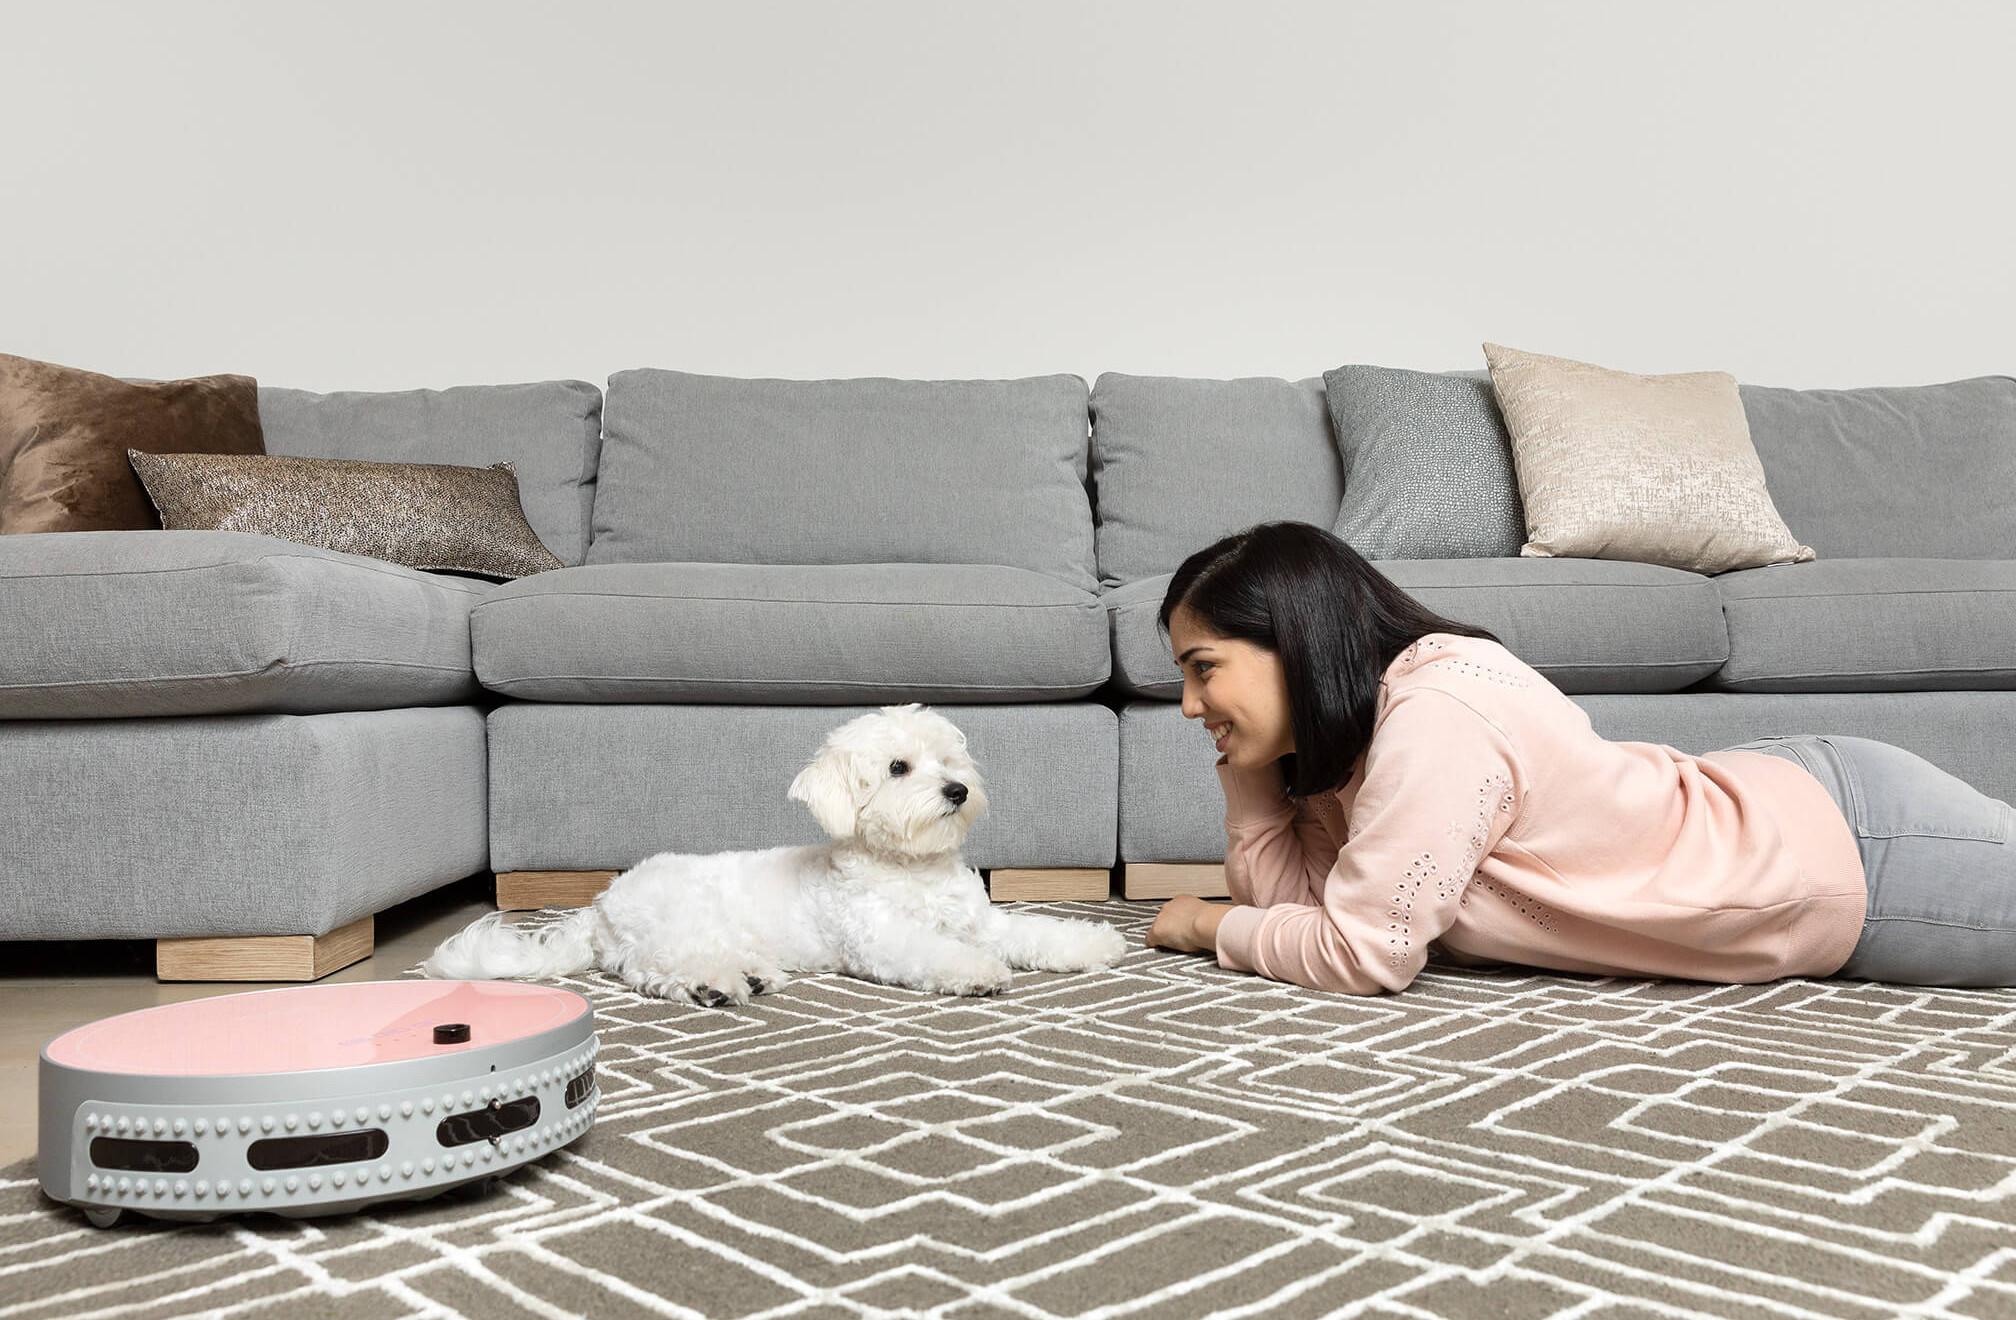 bObi Pet carpet